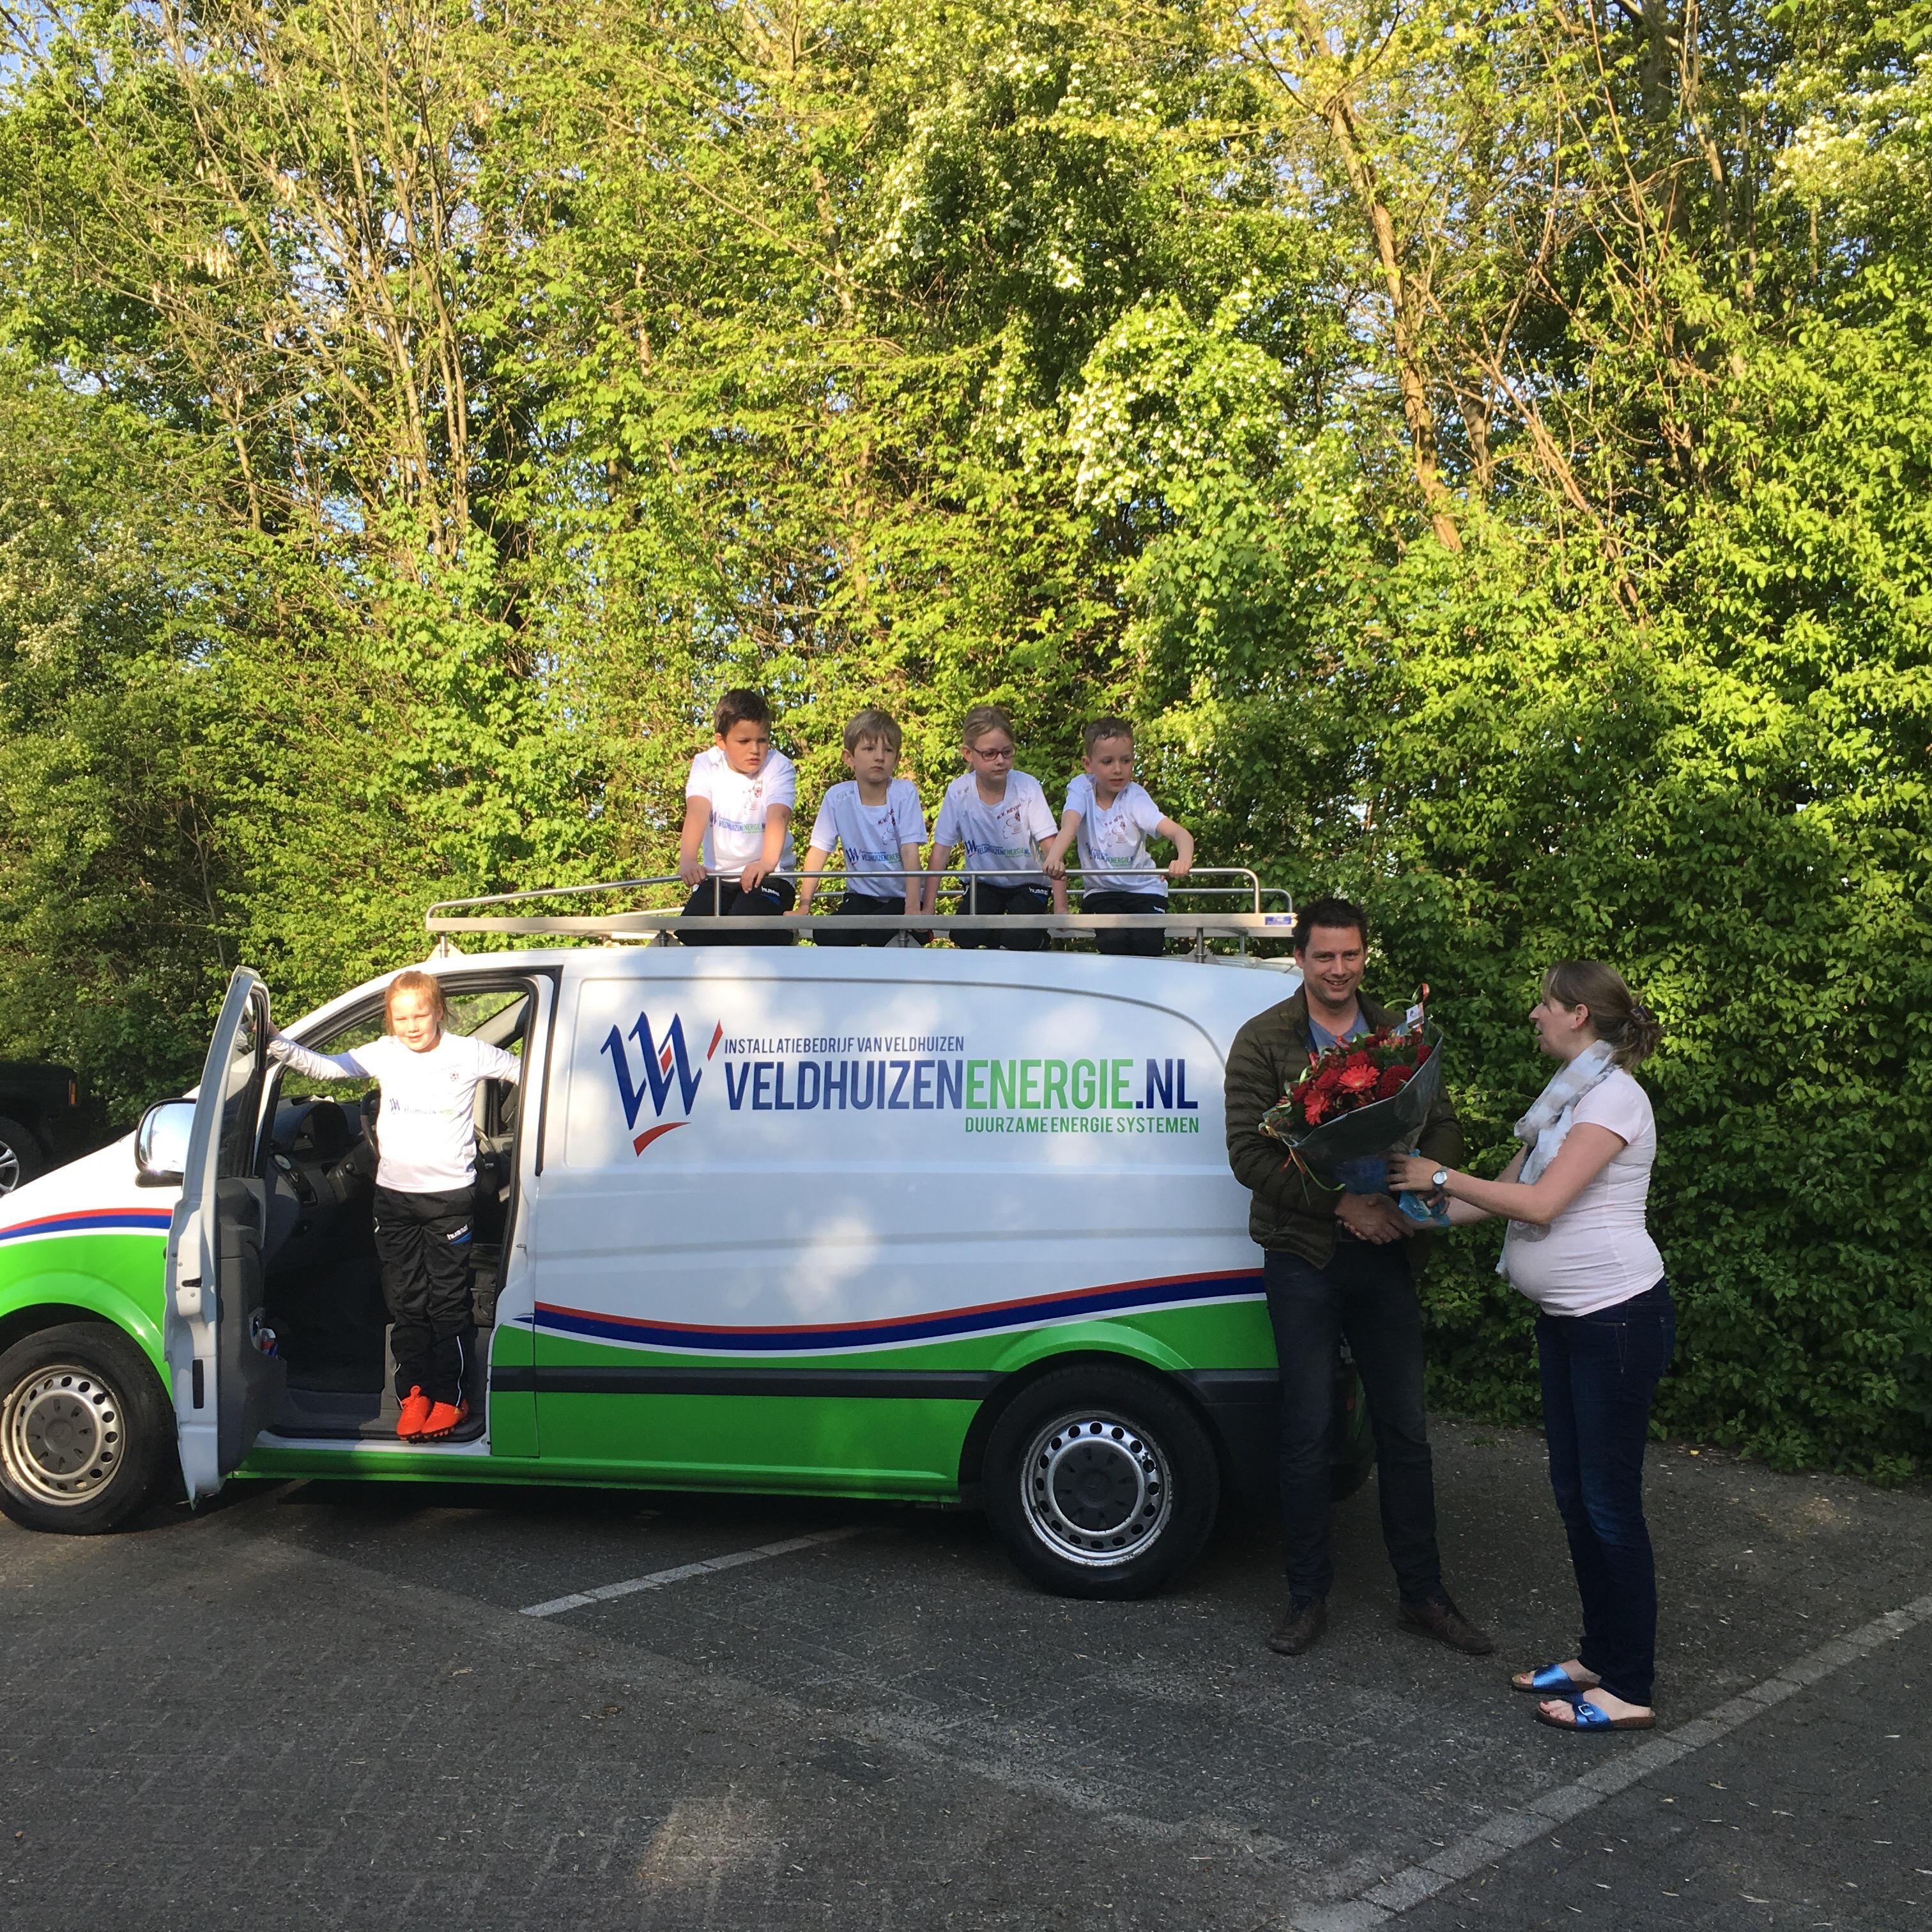 Veldhuizen energie sponsort Revival F1